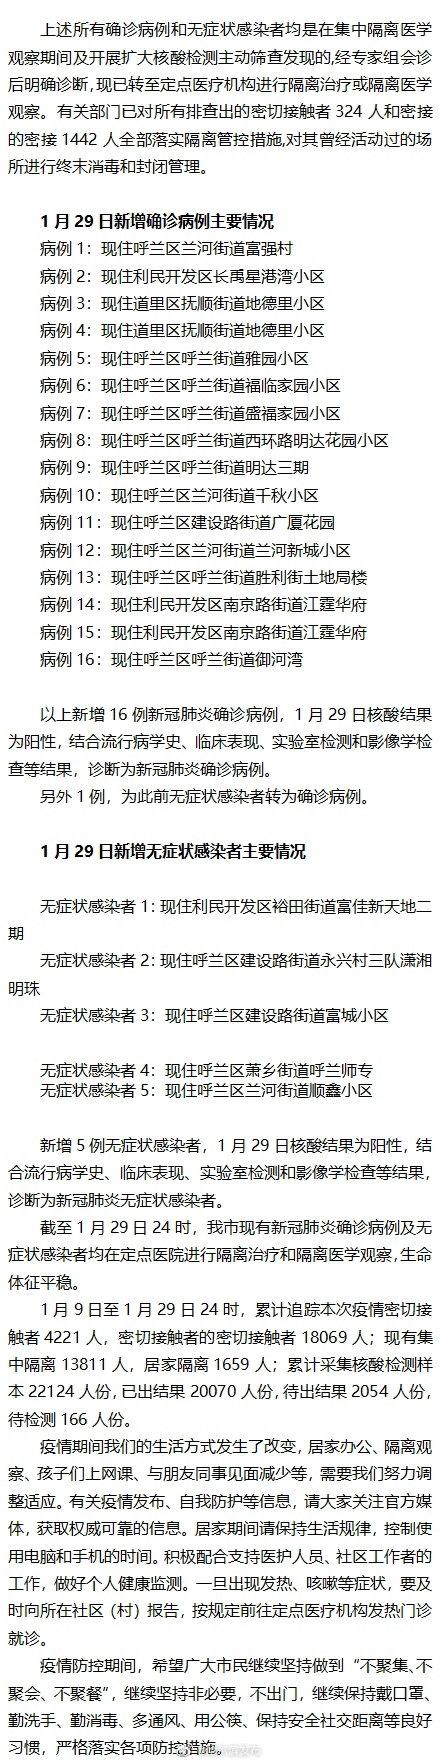 哈尔滨通报1月29日新增确诊病例涉及主要区域和场所,涉早市、餐馆、药房图片